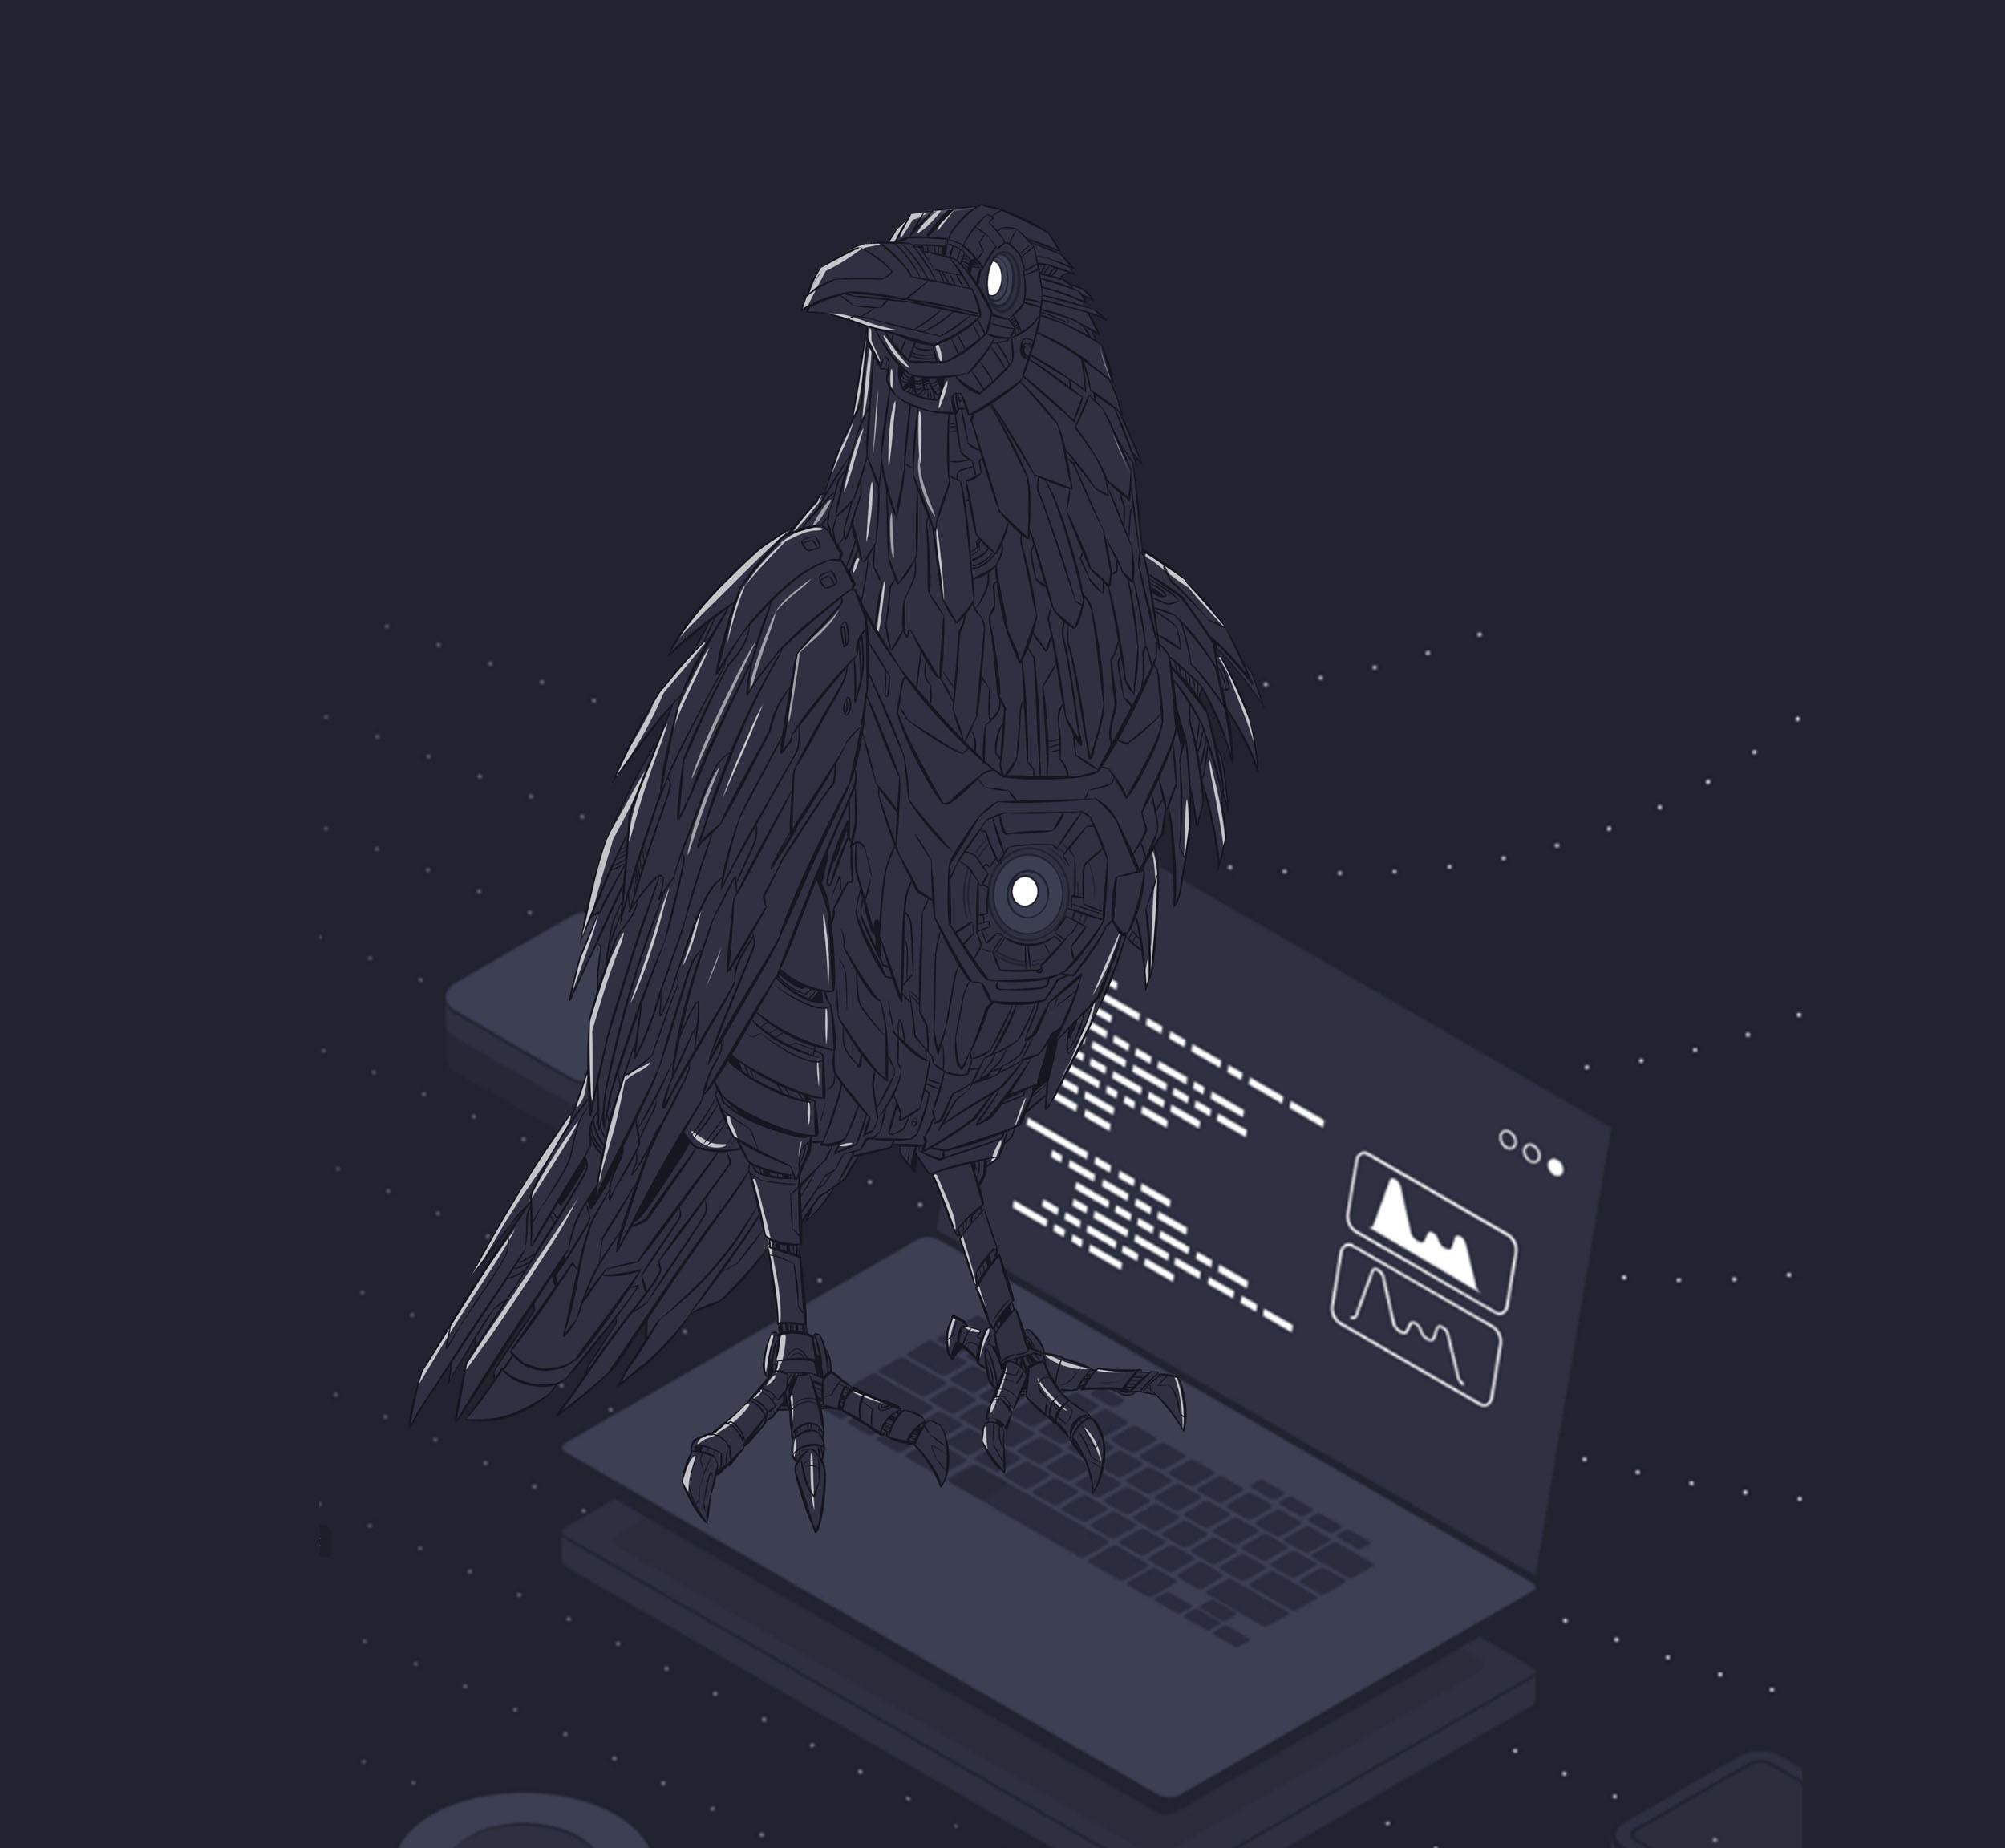 Giant Mechanical Raven Website Illustration